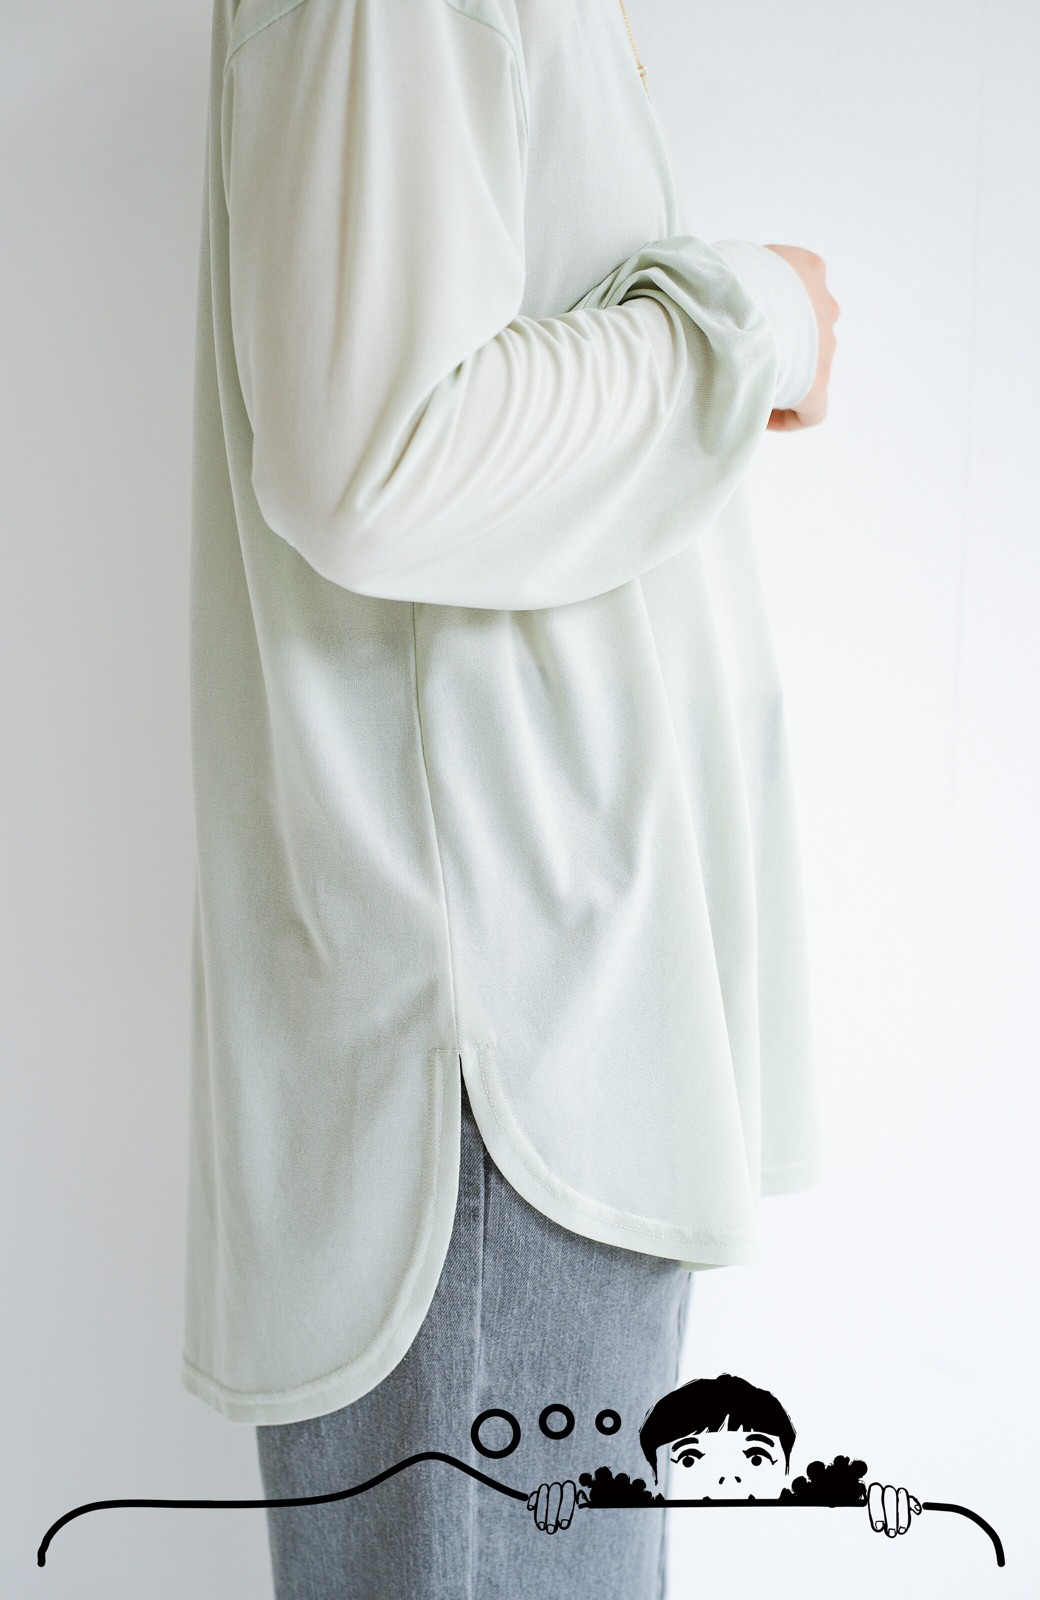 haco! 合わせやすくてコーデが華やぐ パジャマ並みにやわらかな着心地のシアーロンTby who made me <ミント>の商品写真5